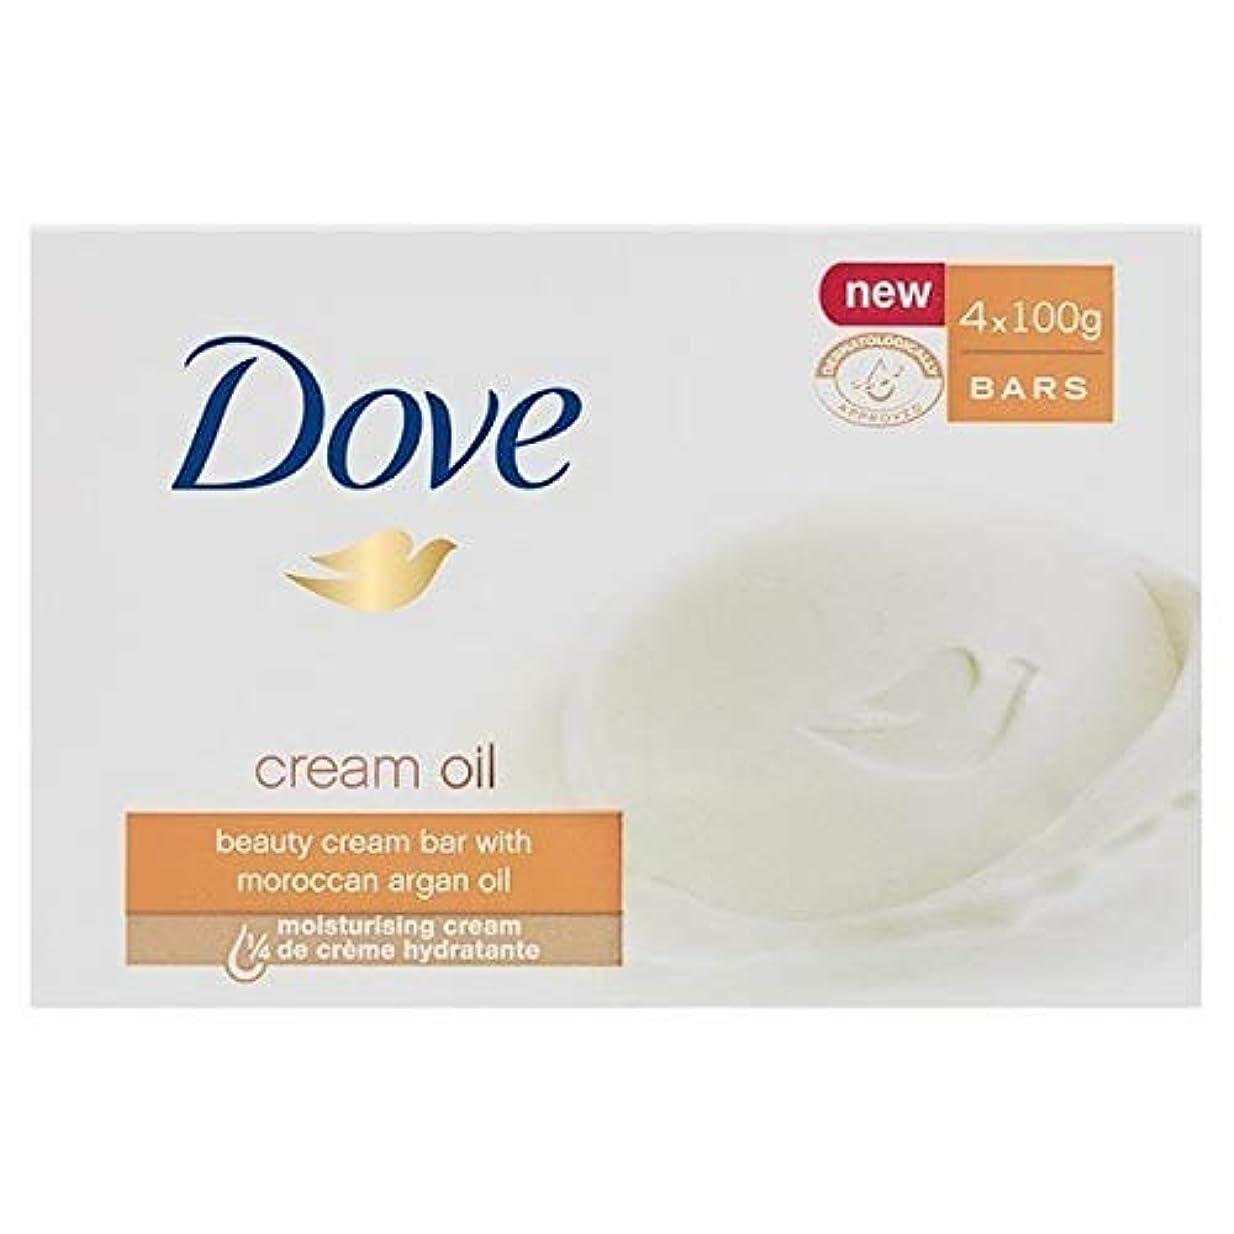 非効率的な選ぶ助言する[Dove ] アルガンオイル美容クリーム石鹸4×100グラムを剥離鳩 - Dove Exfoliating Argan Oil Beauty Cream Soap Bar 4 x 100g [並行輸入品]